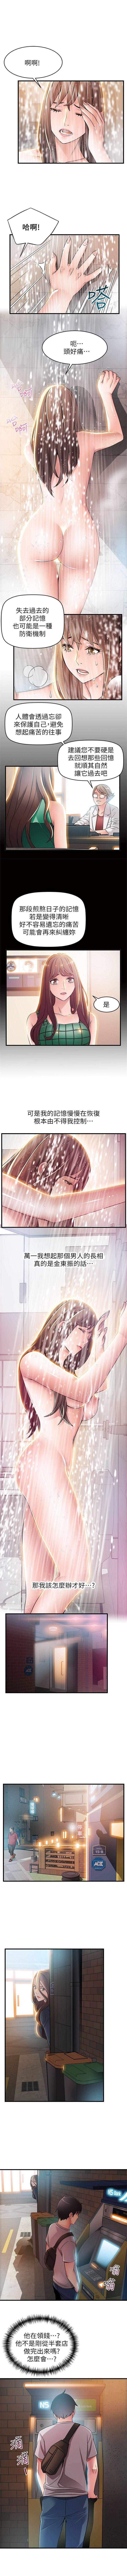 弱點 1-101 官方中文(連載中) 191